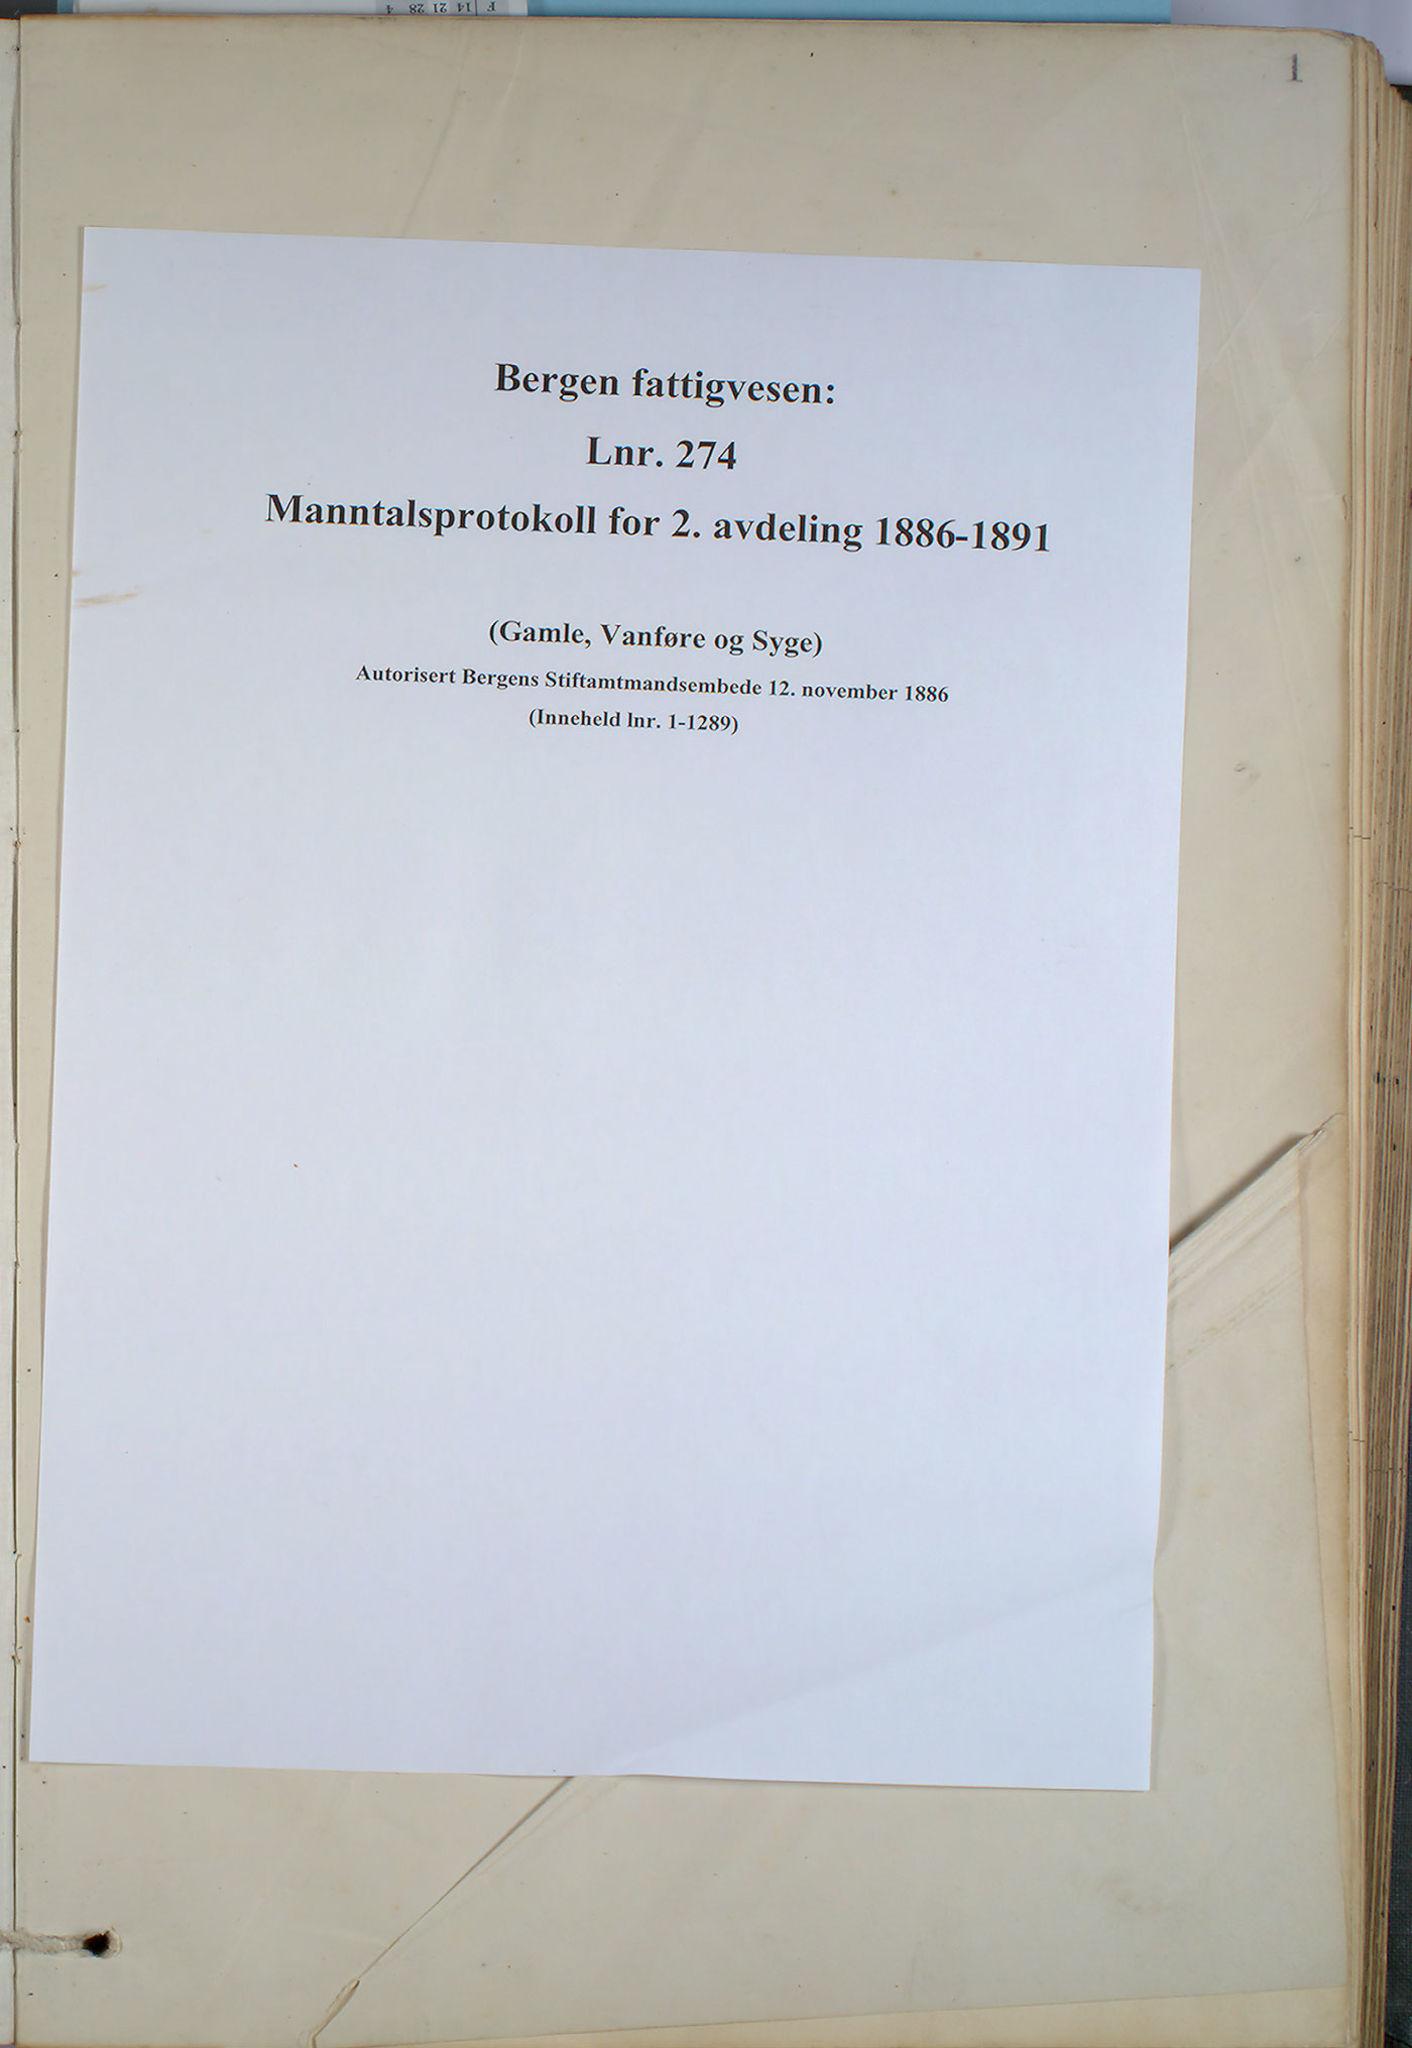 BBA, Bergen fattigvesen, 1886-1891, p. 1